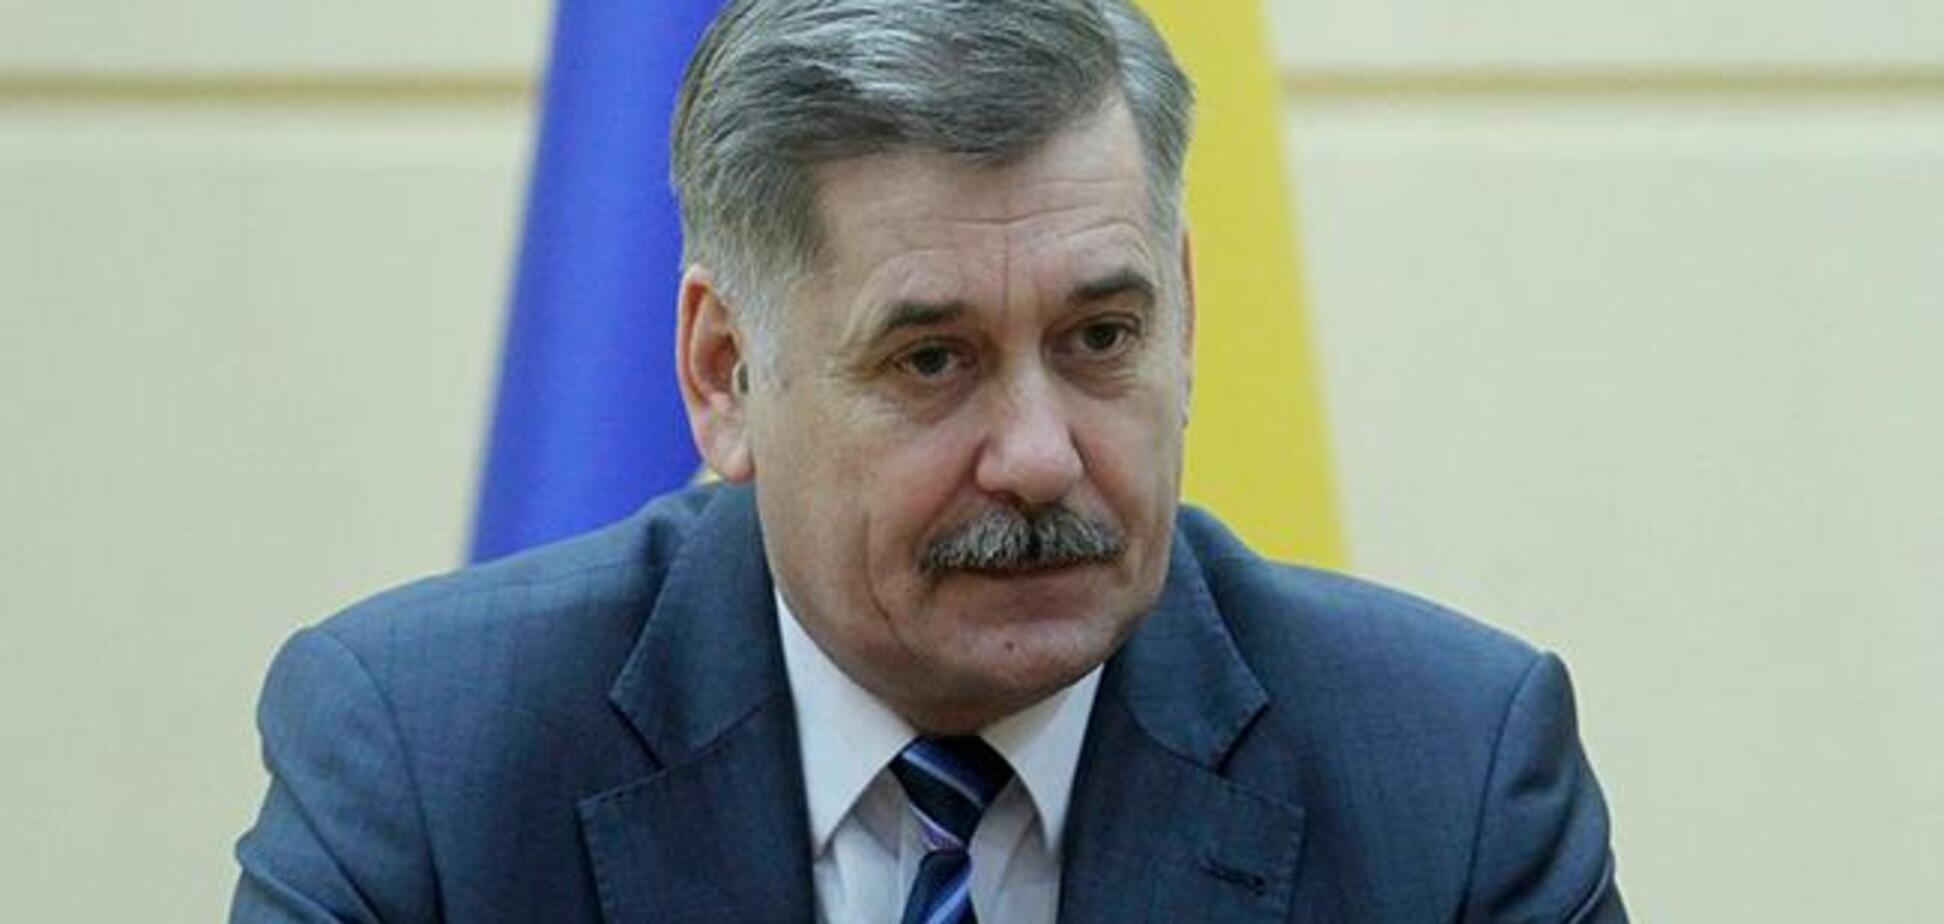 Задержка пенсий в Украине: 'Наш край' нашел причину